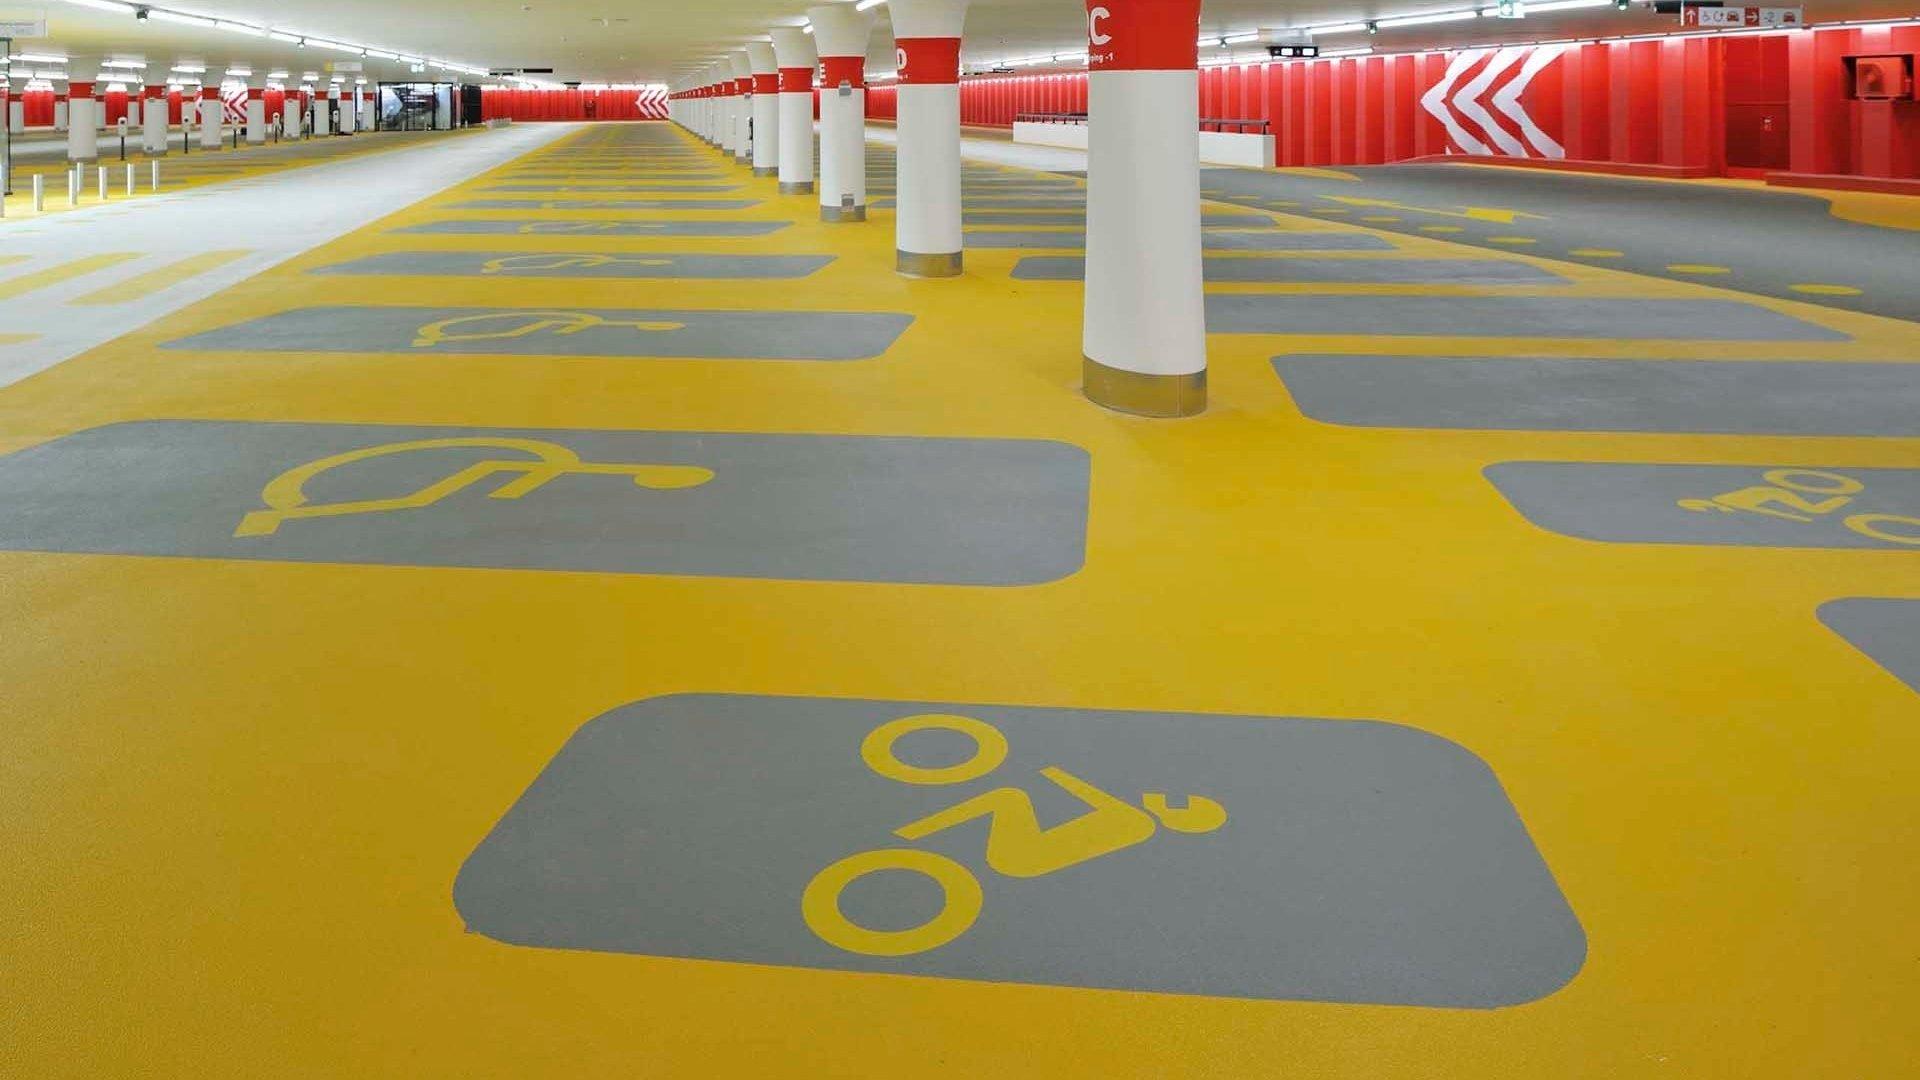 Parkeergarage Jaarbeursplein Utrecht Boligrip 200P